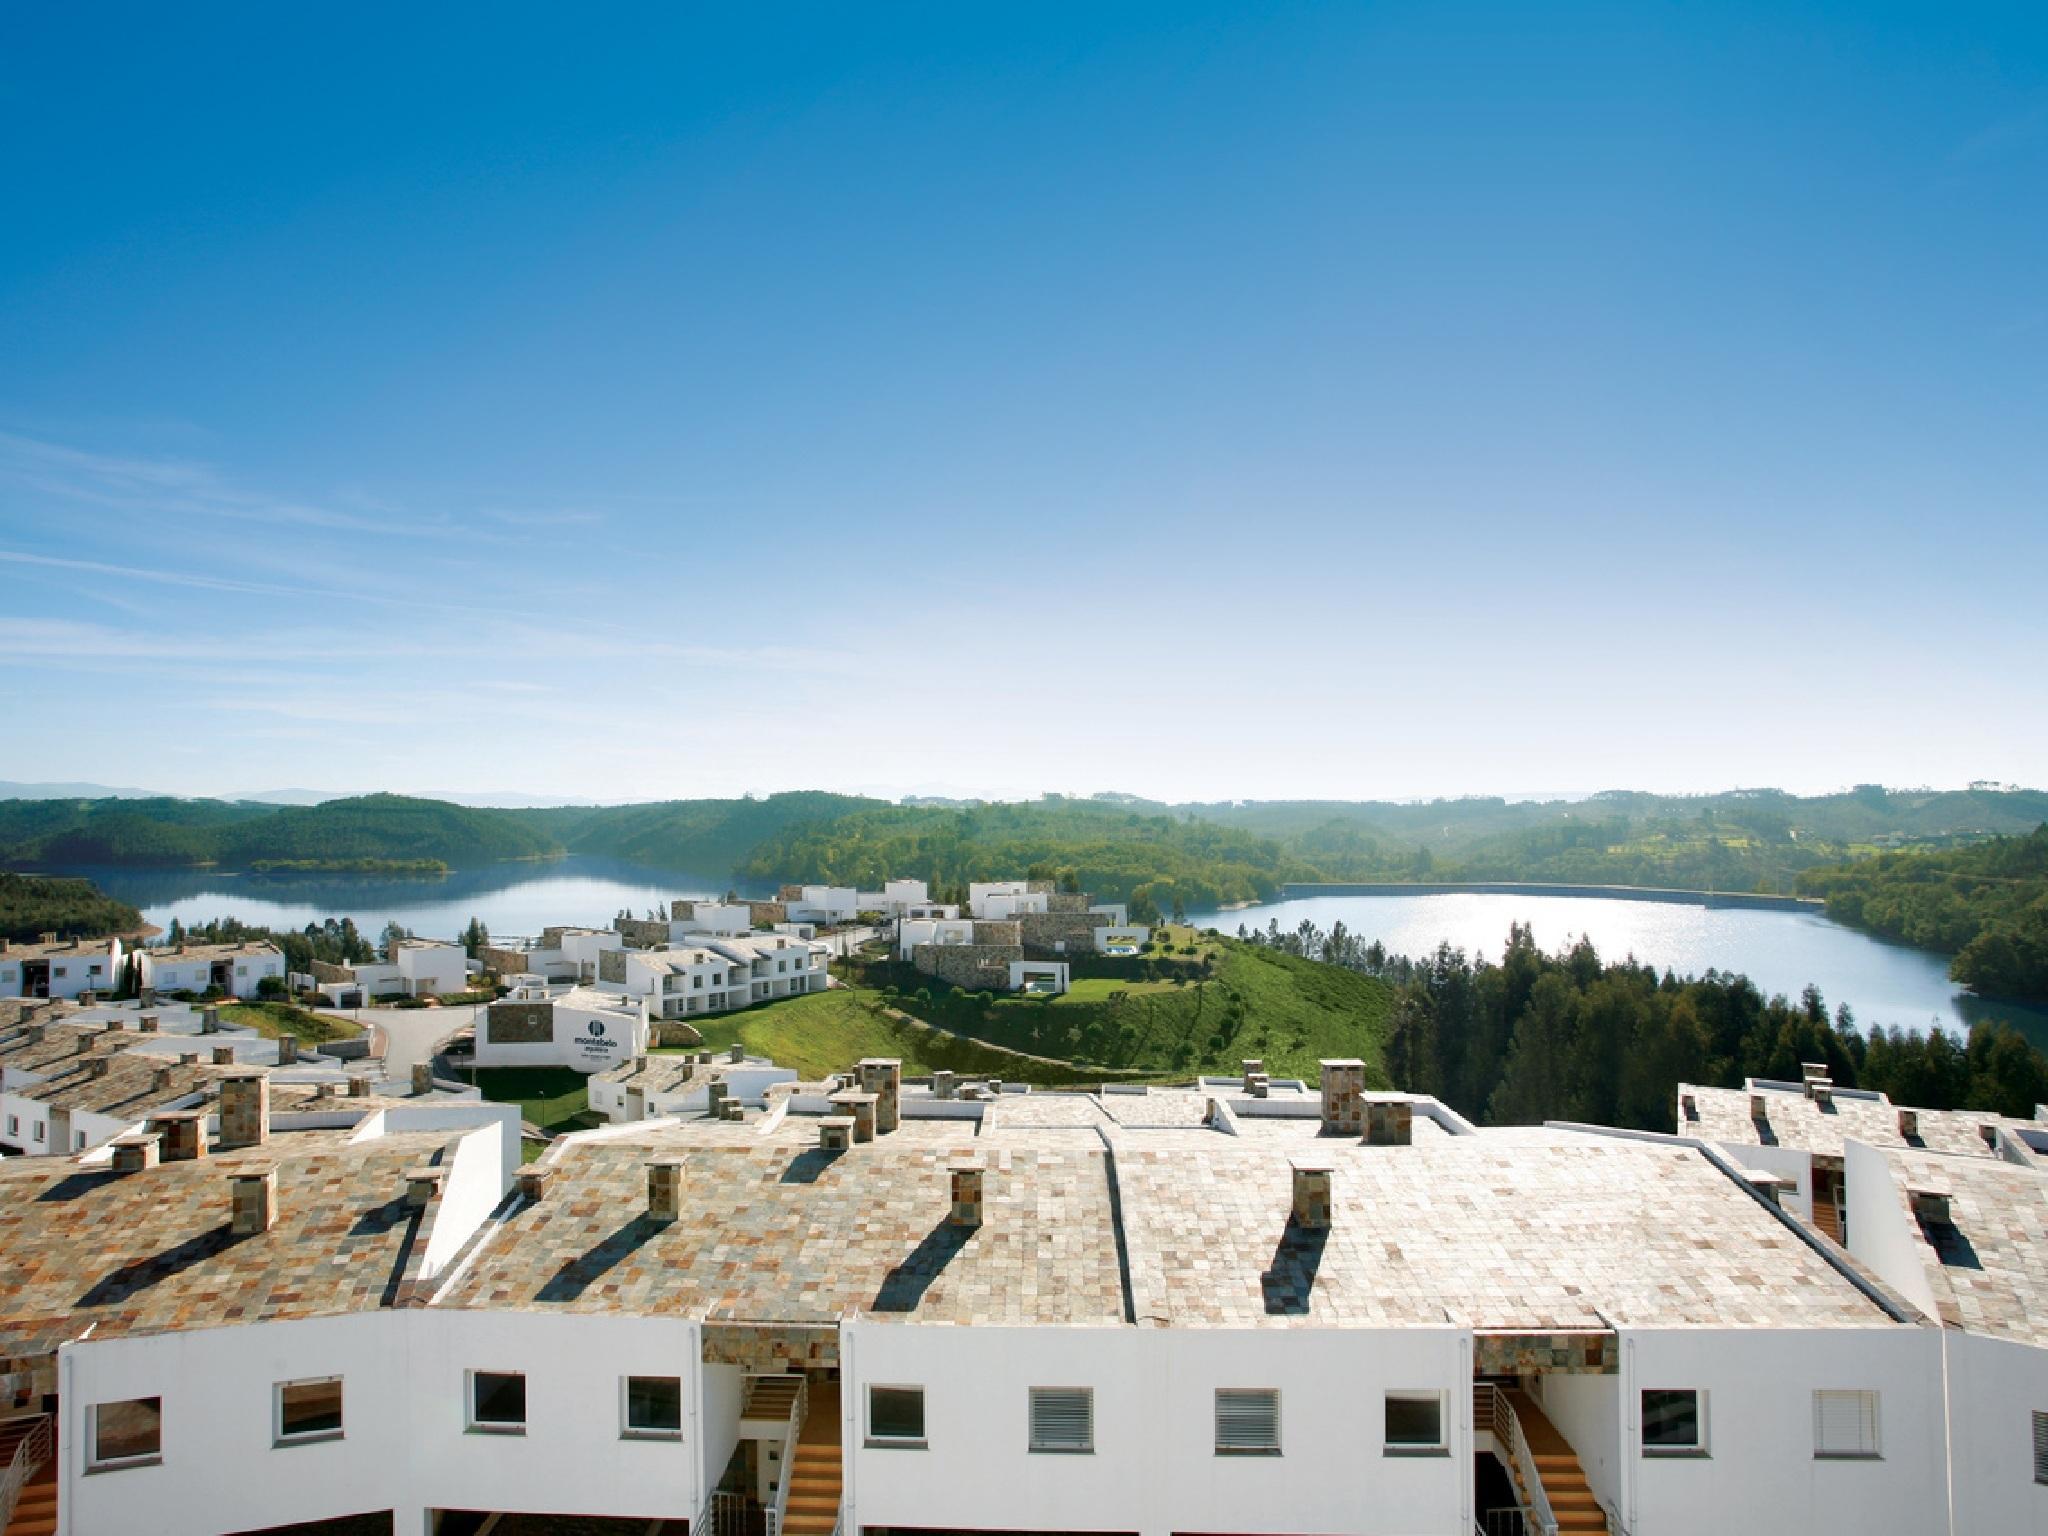 Hotel, Montebelo Aguieira Lake Resort, Vale da Aguieira